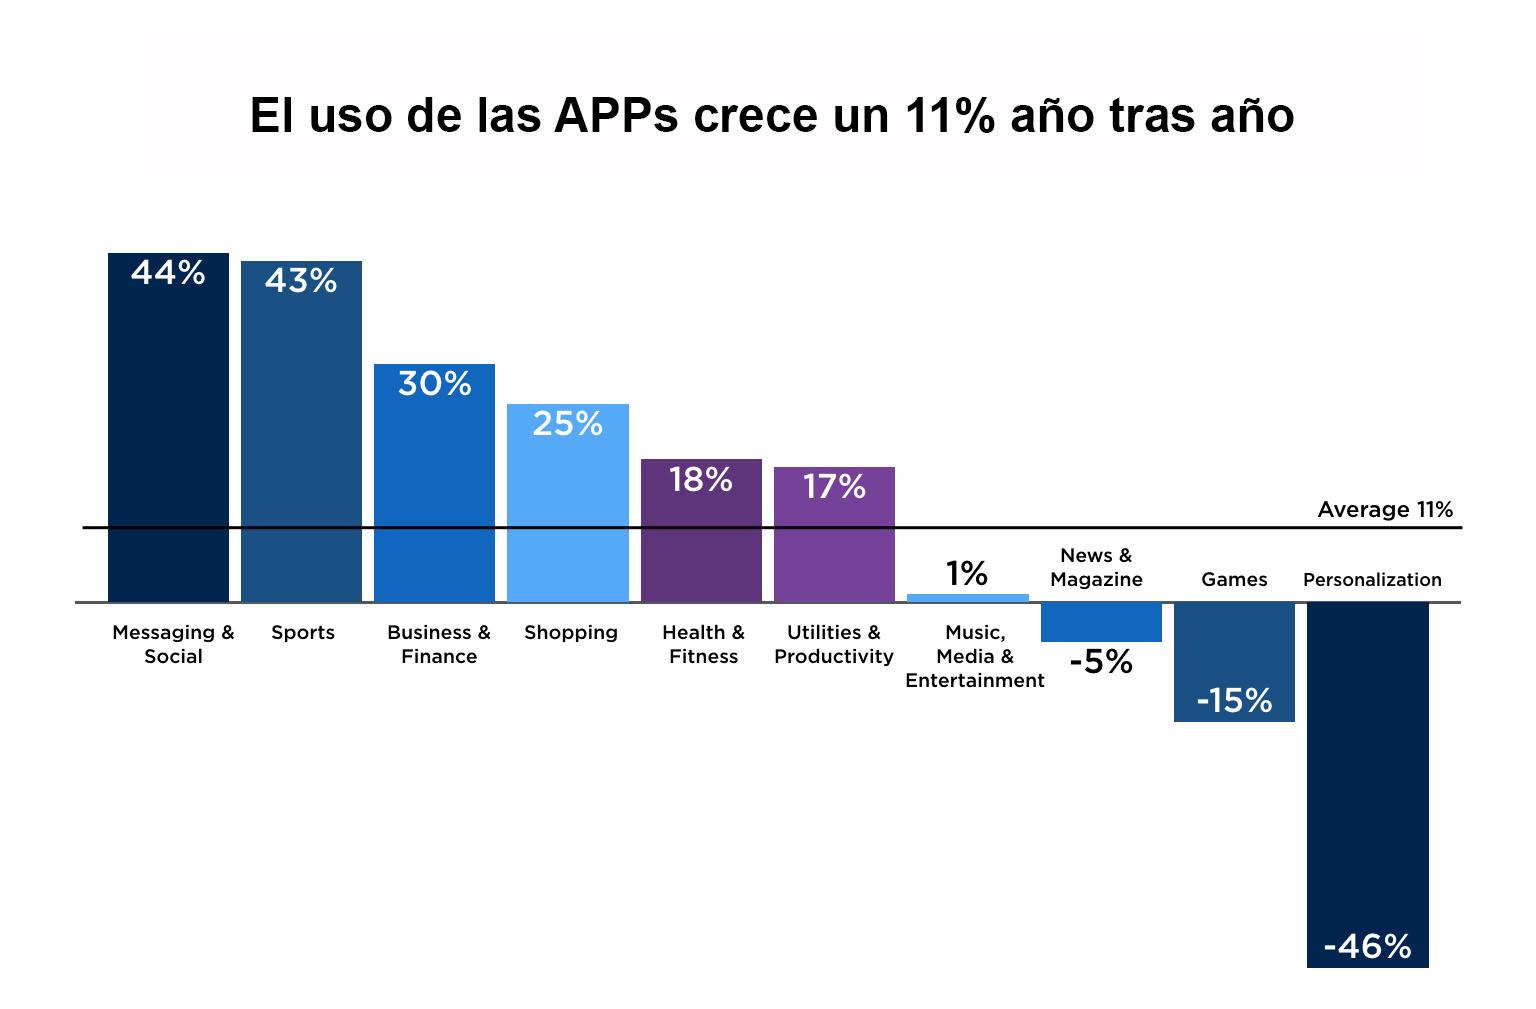 PROPUESTA - ¿Por qué son útiles las apps para rendir gastos como Rindegastos?(Desicion FF-AA-TI)